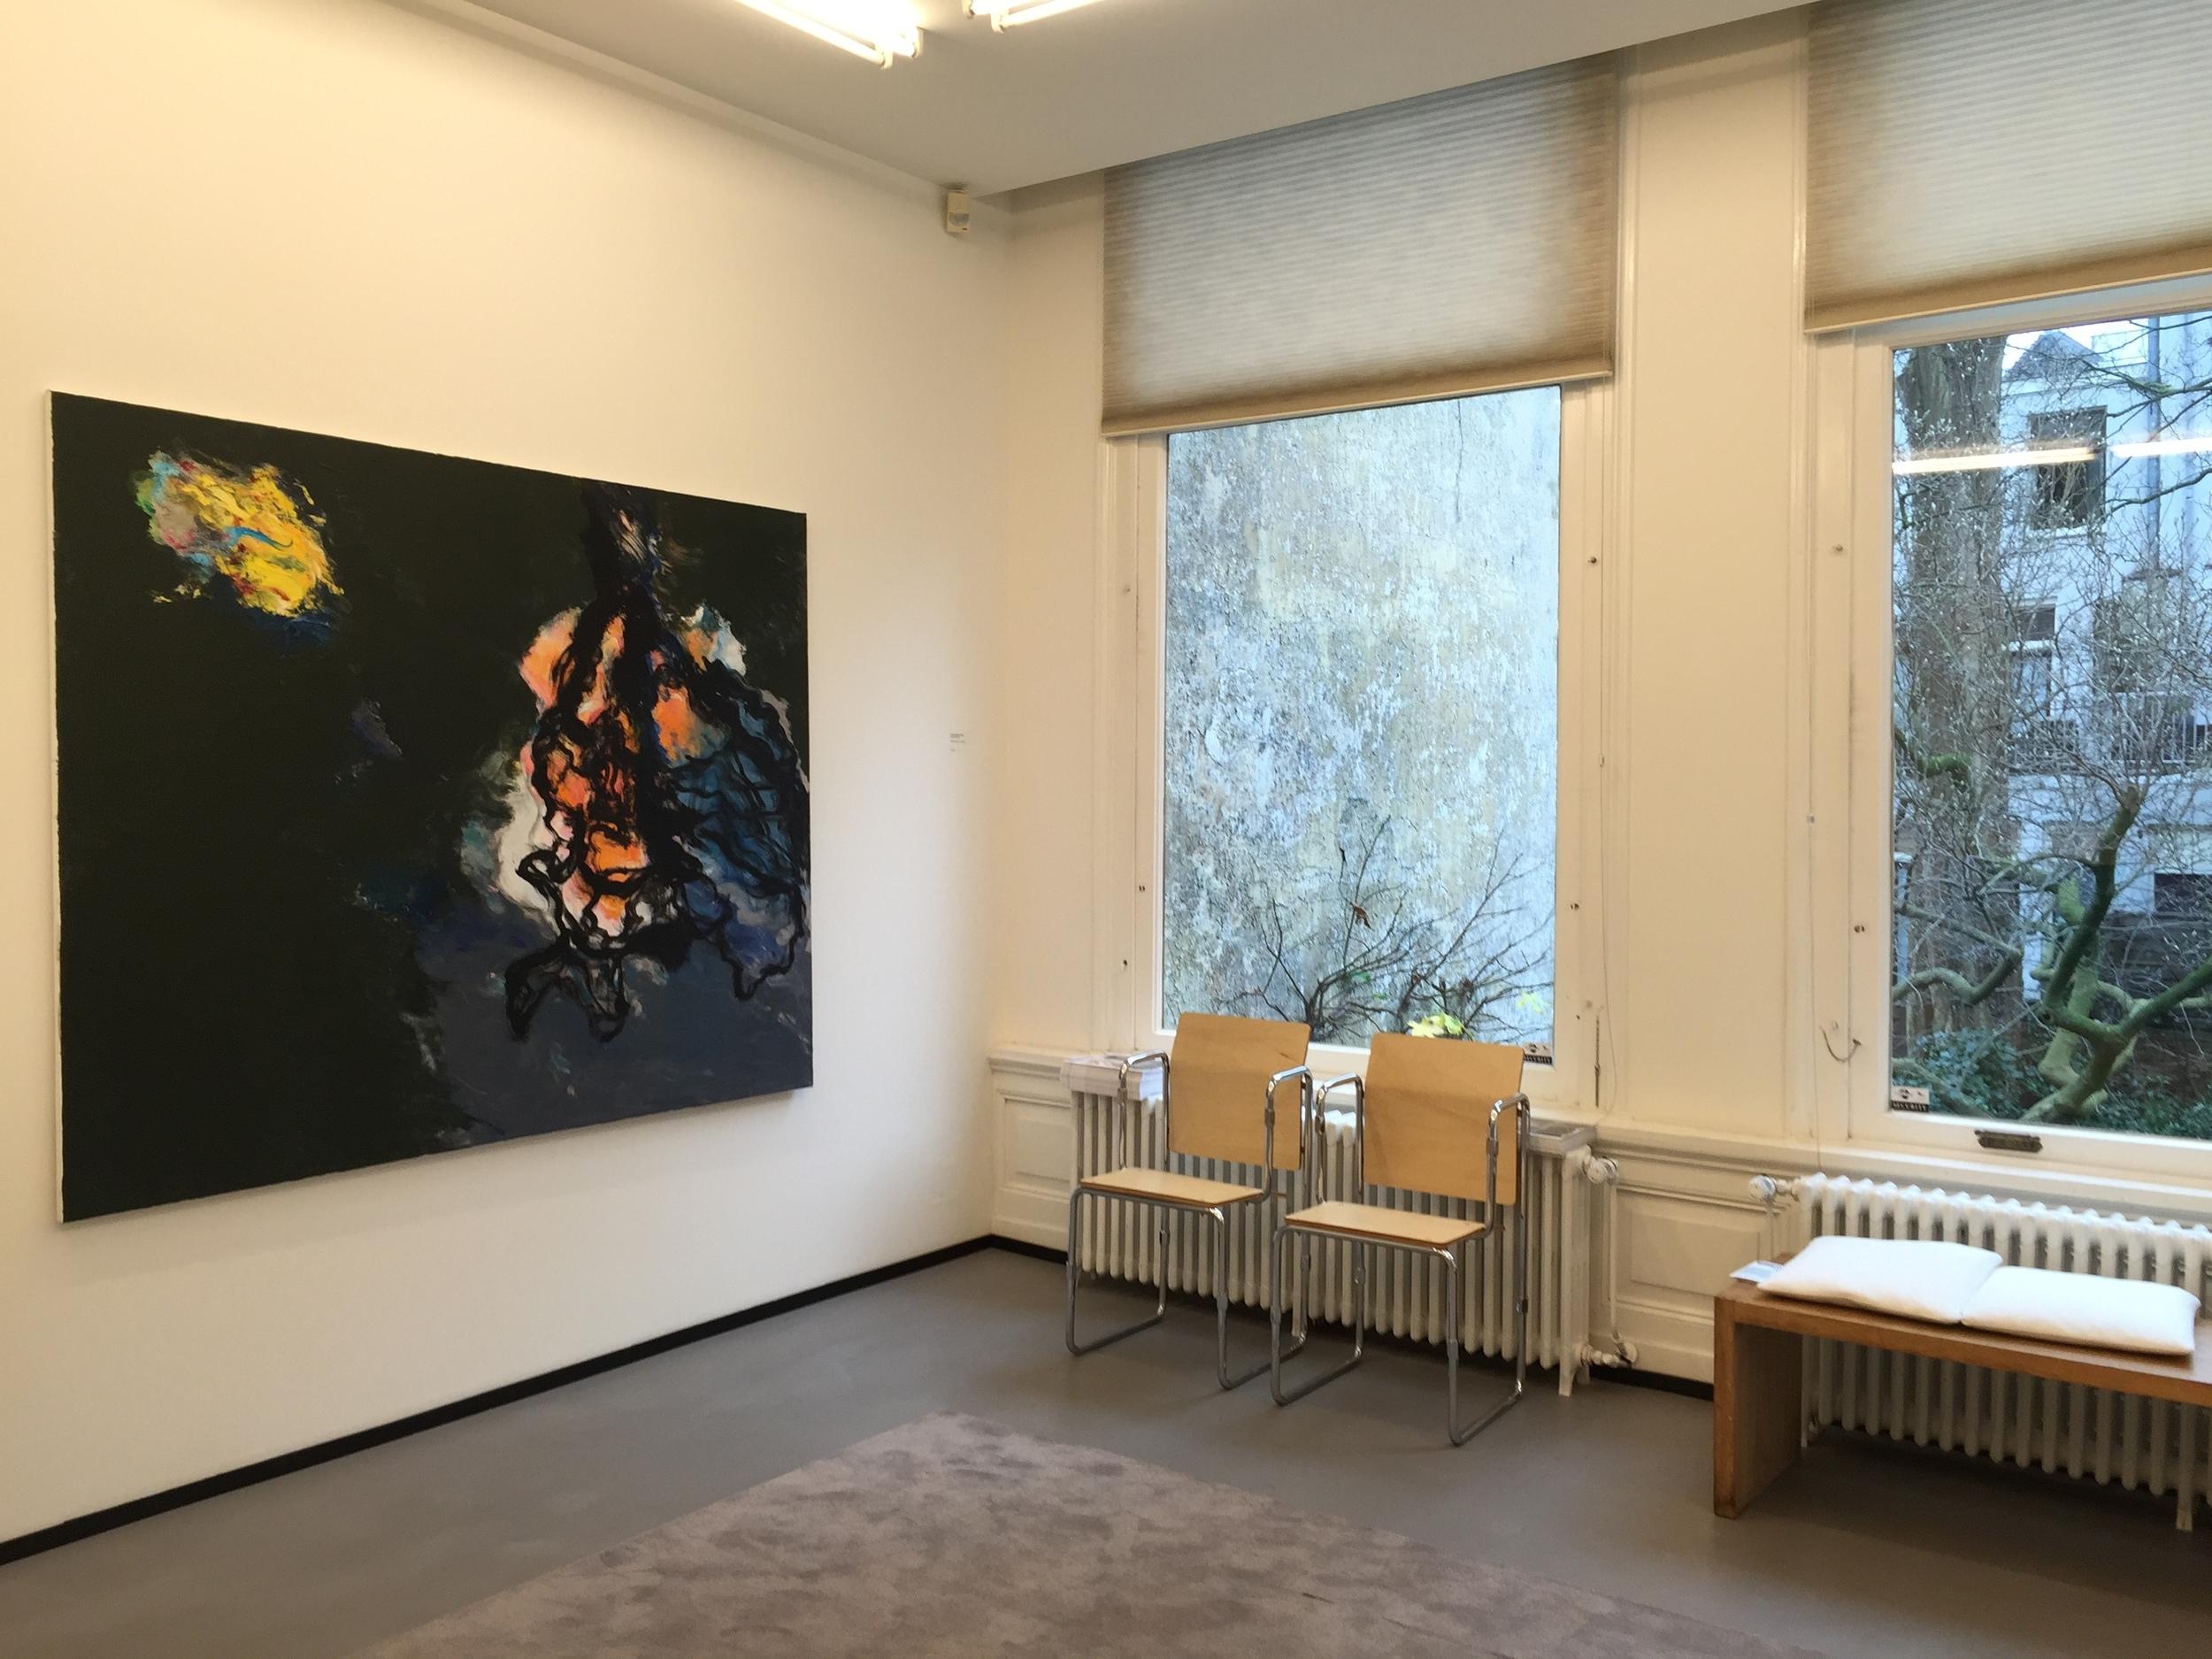 Galerie Borzo Amsterdam 11dec.2015 / 05feb.2016